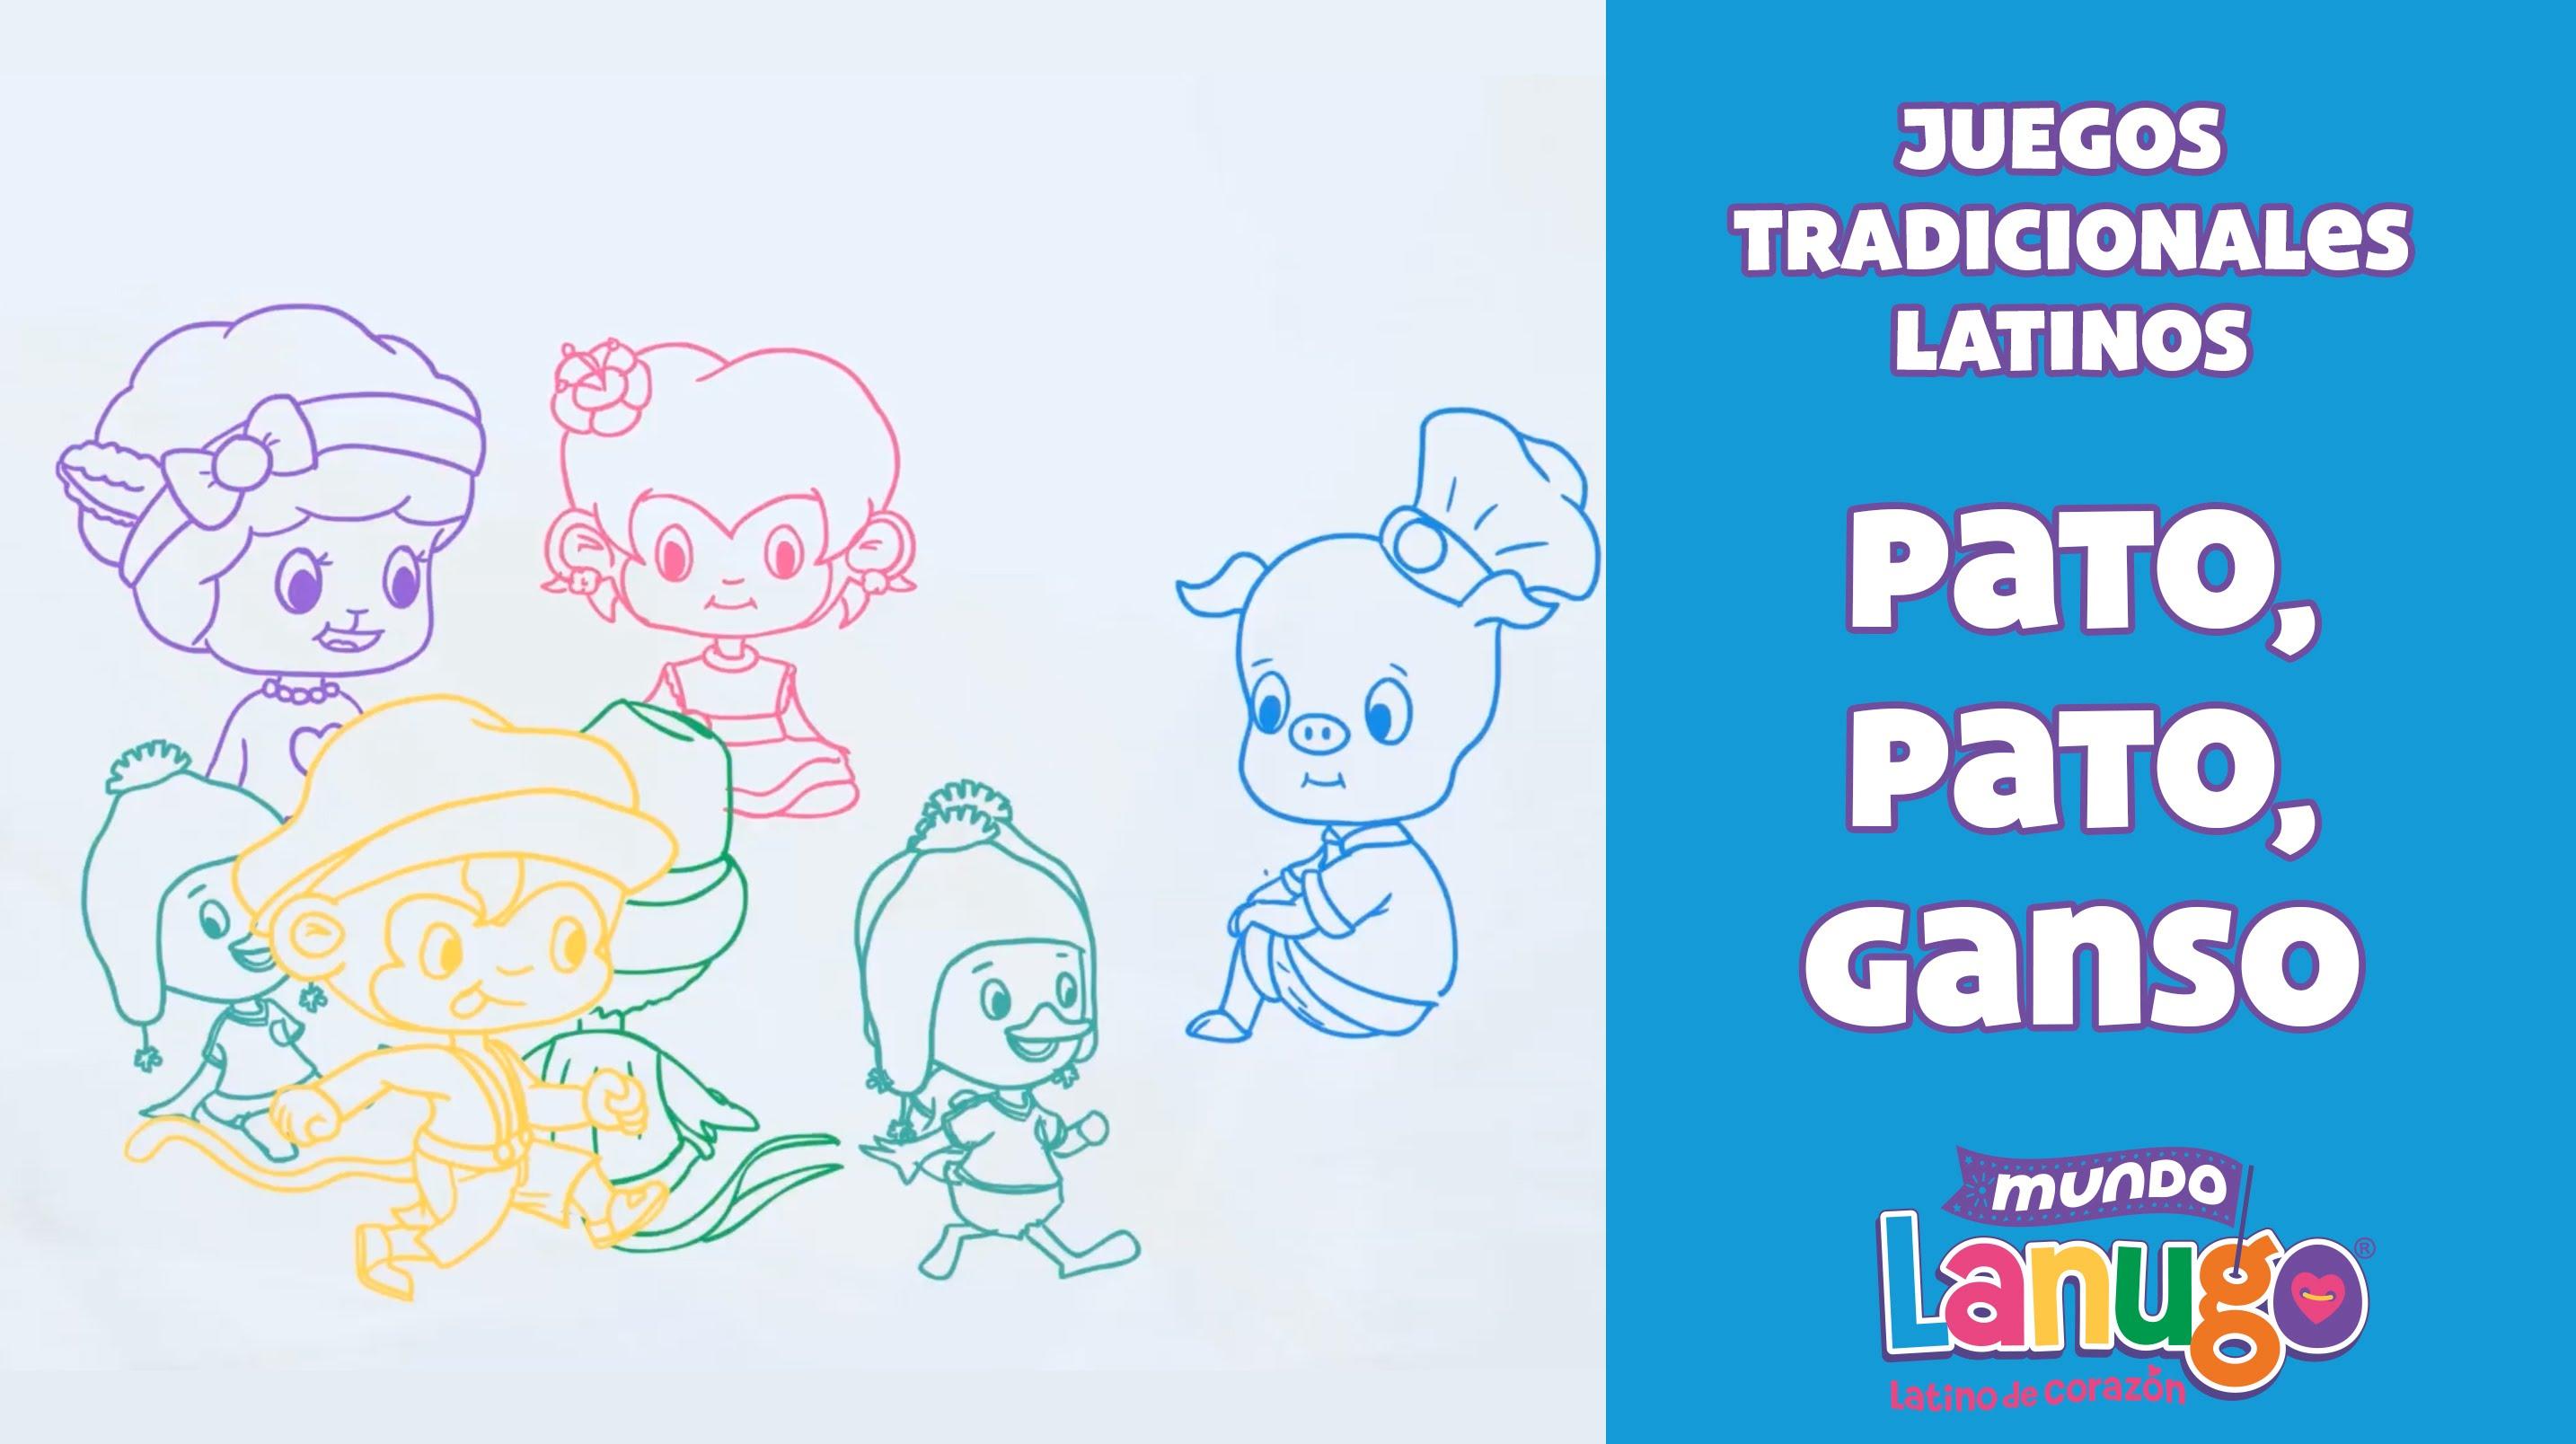 Pato Pato Ganso Juegos Tradicionales Latinos Ninas Y Ninos